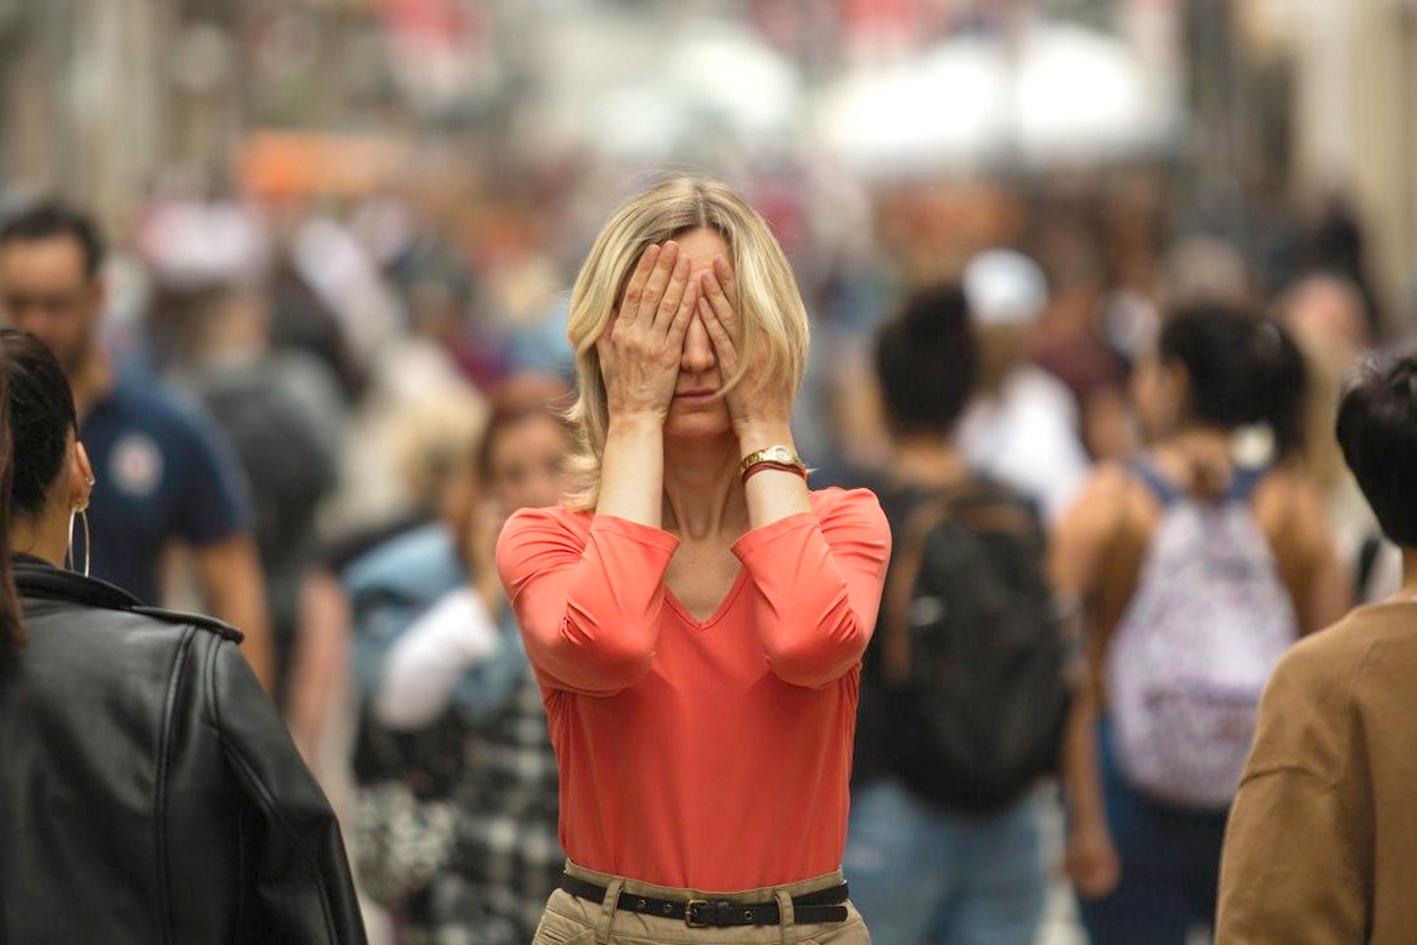 Phụ nữ đối diện với sự căng thẳng ngày càng tăng do áp lực cuộc sống  và công việc trong đại dịch